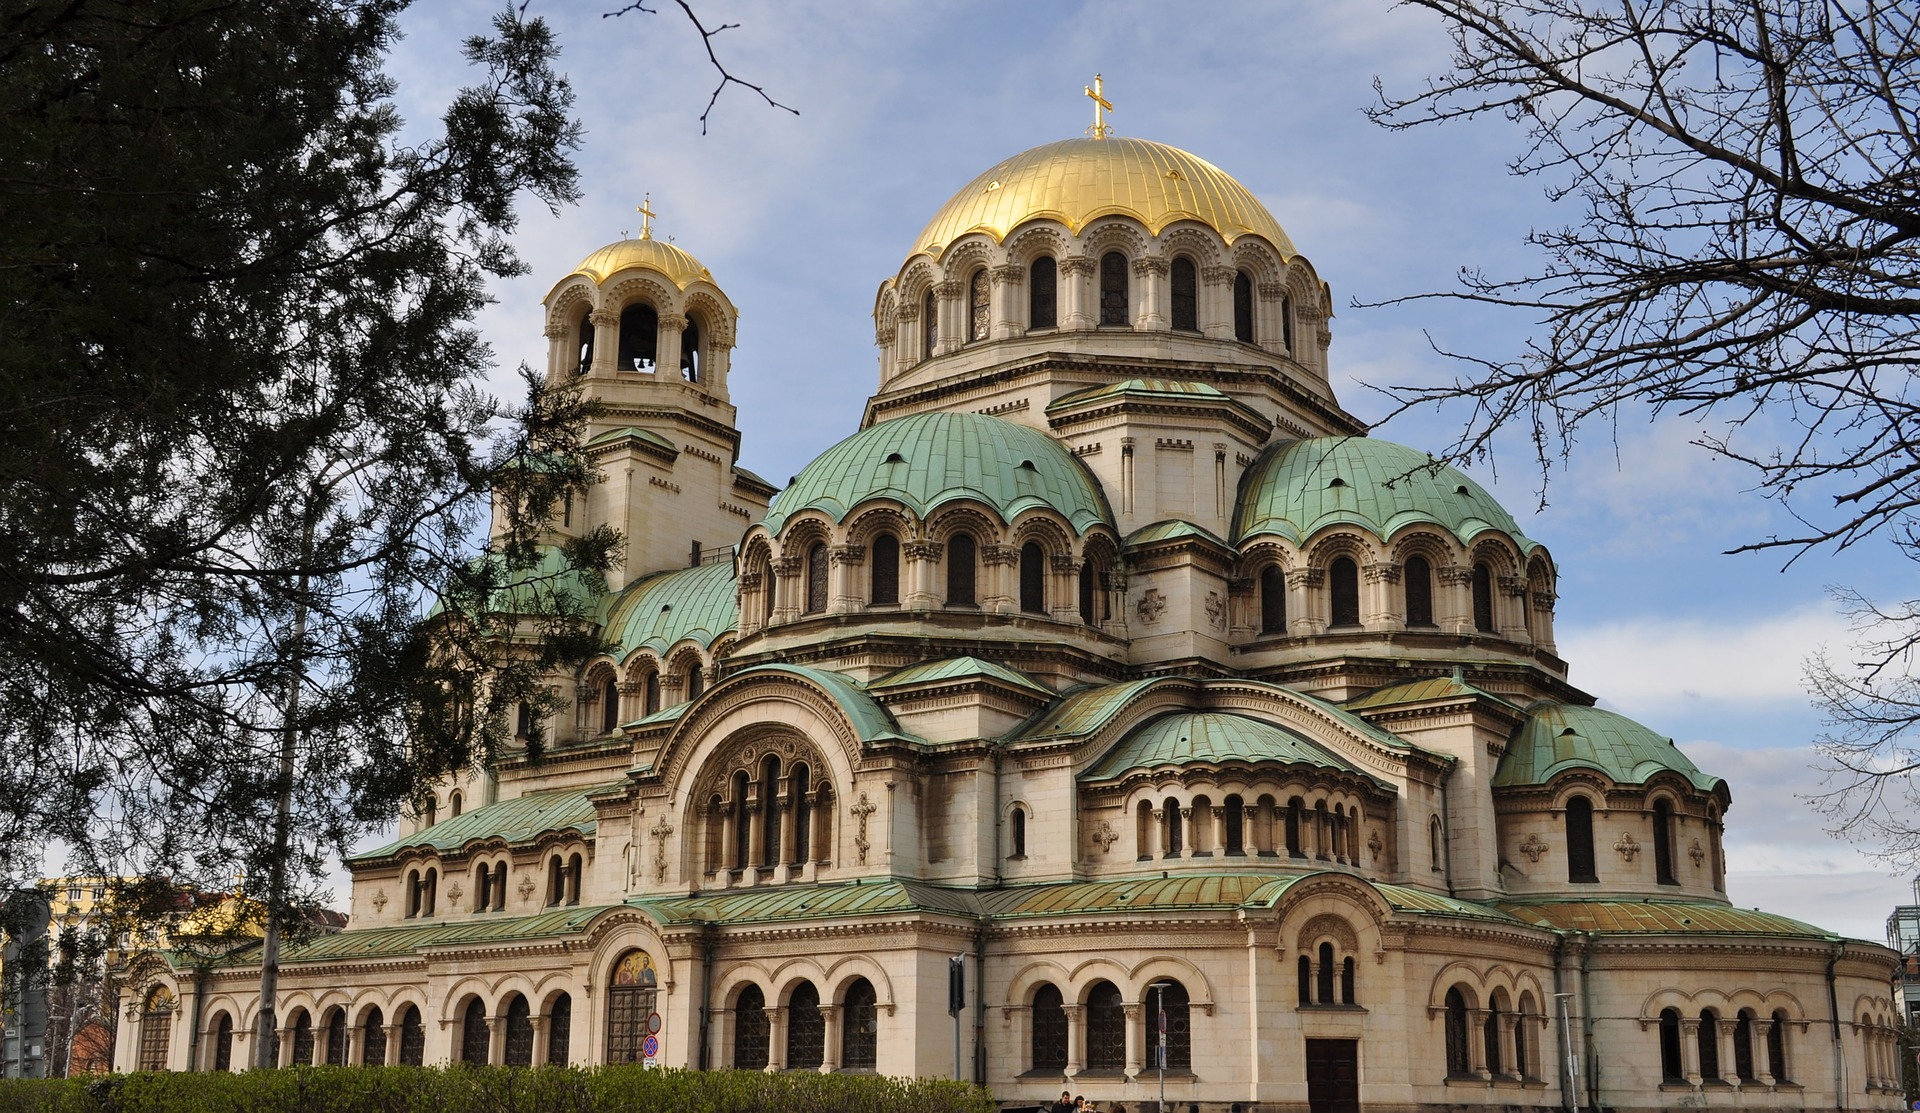 Unbekanntes Bulgarien: Unsere liebsten Sehenswürdigkeiten im Balkanstaat